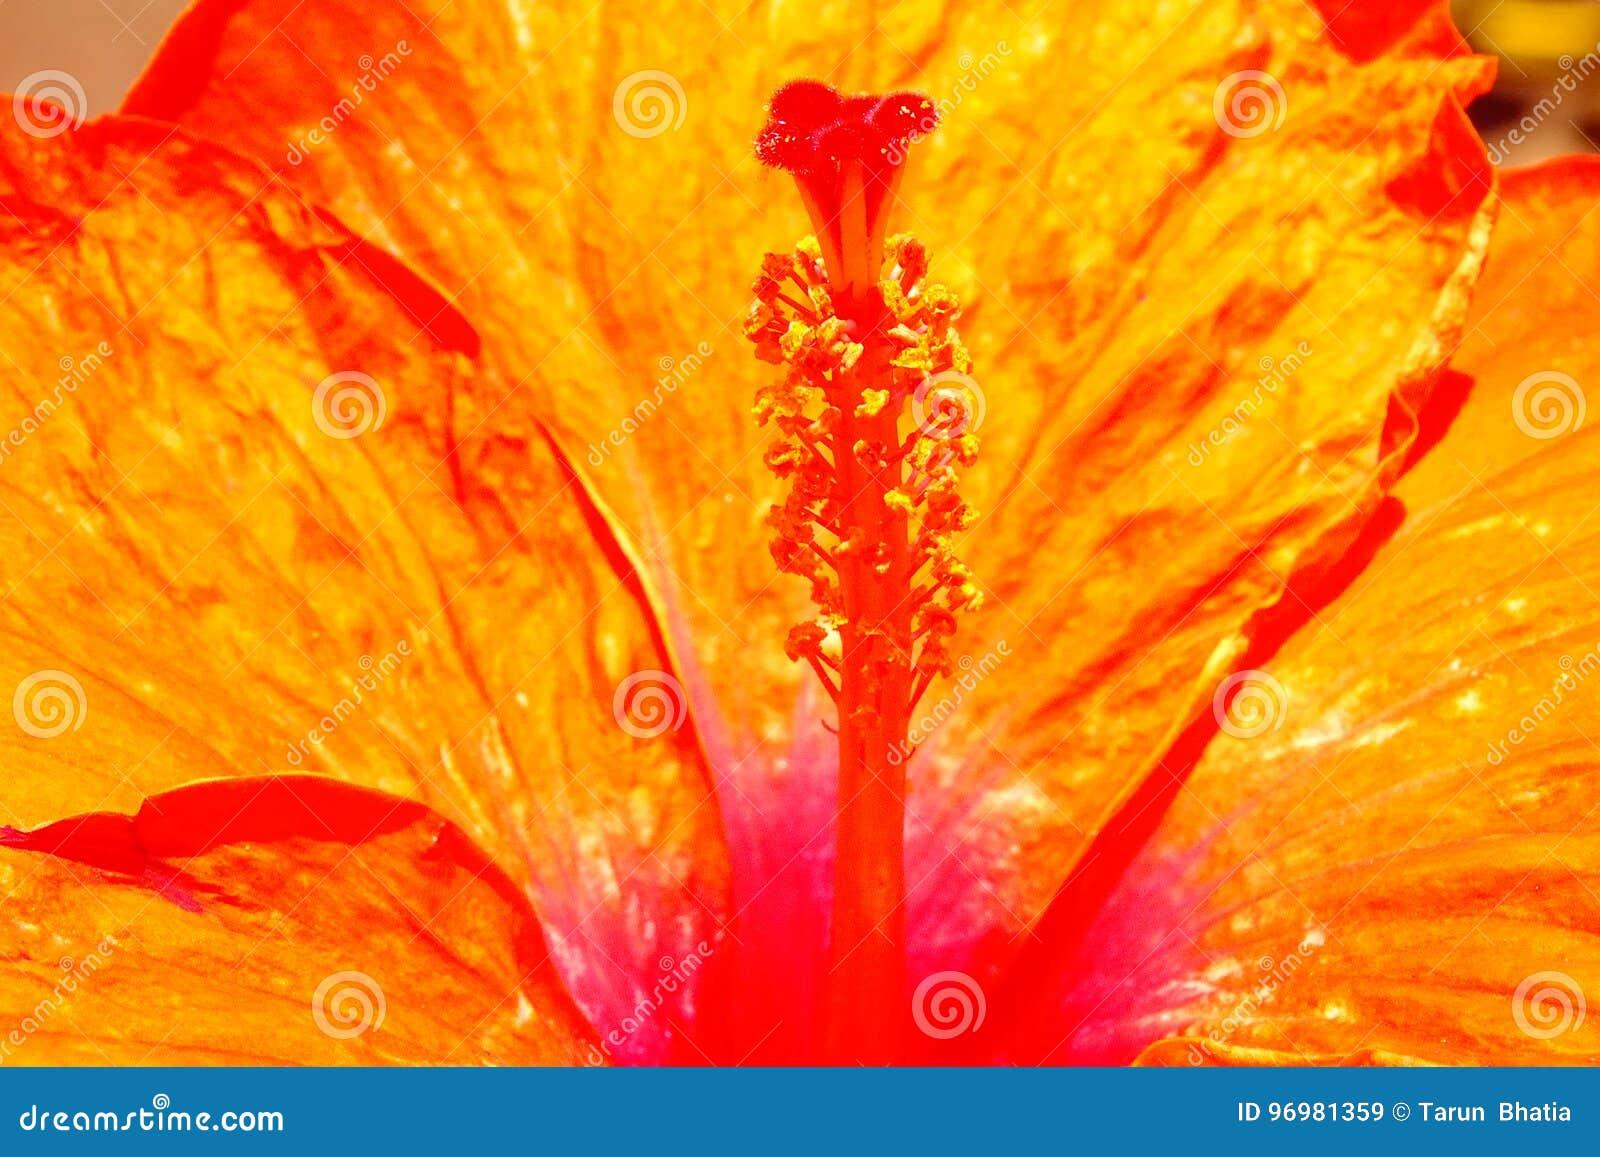 De bloem van de hibiscus